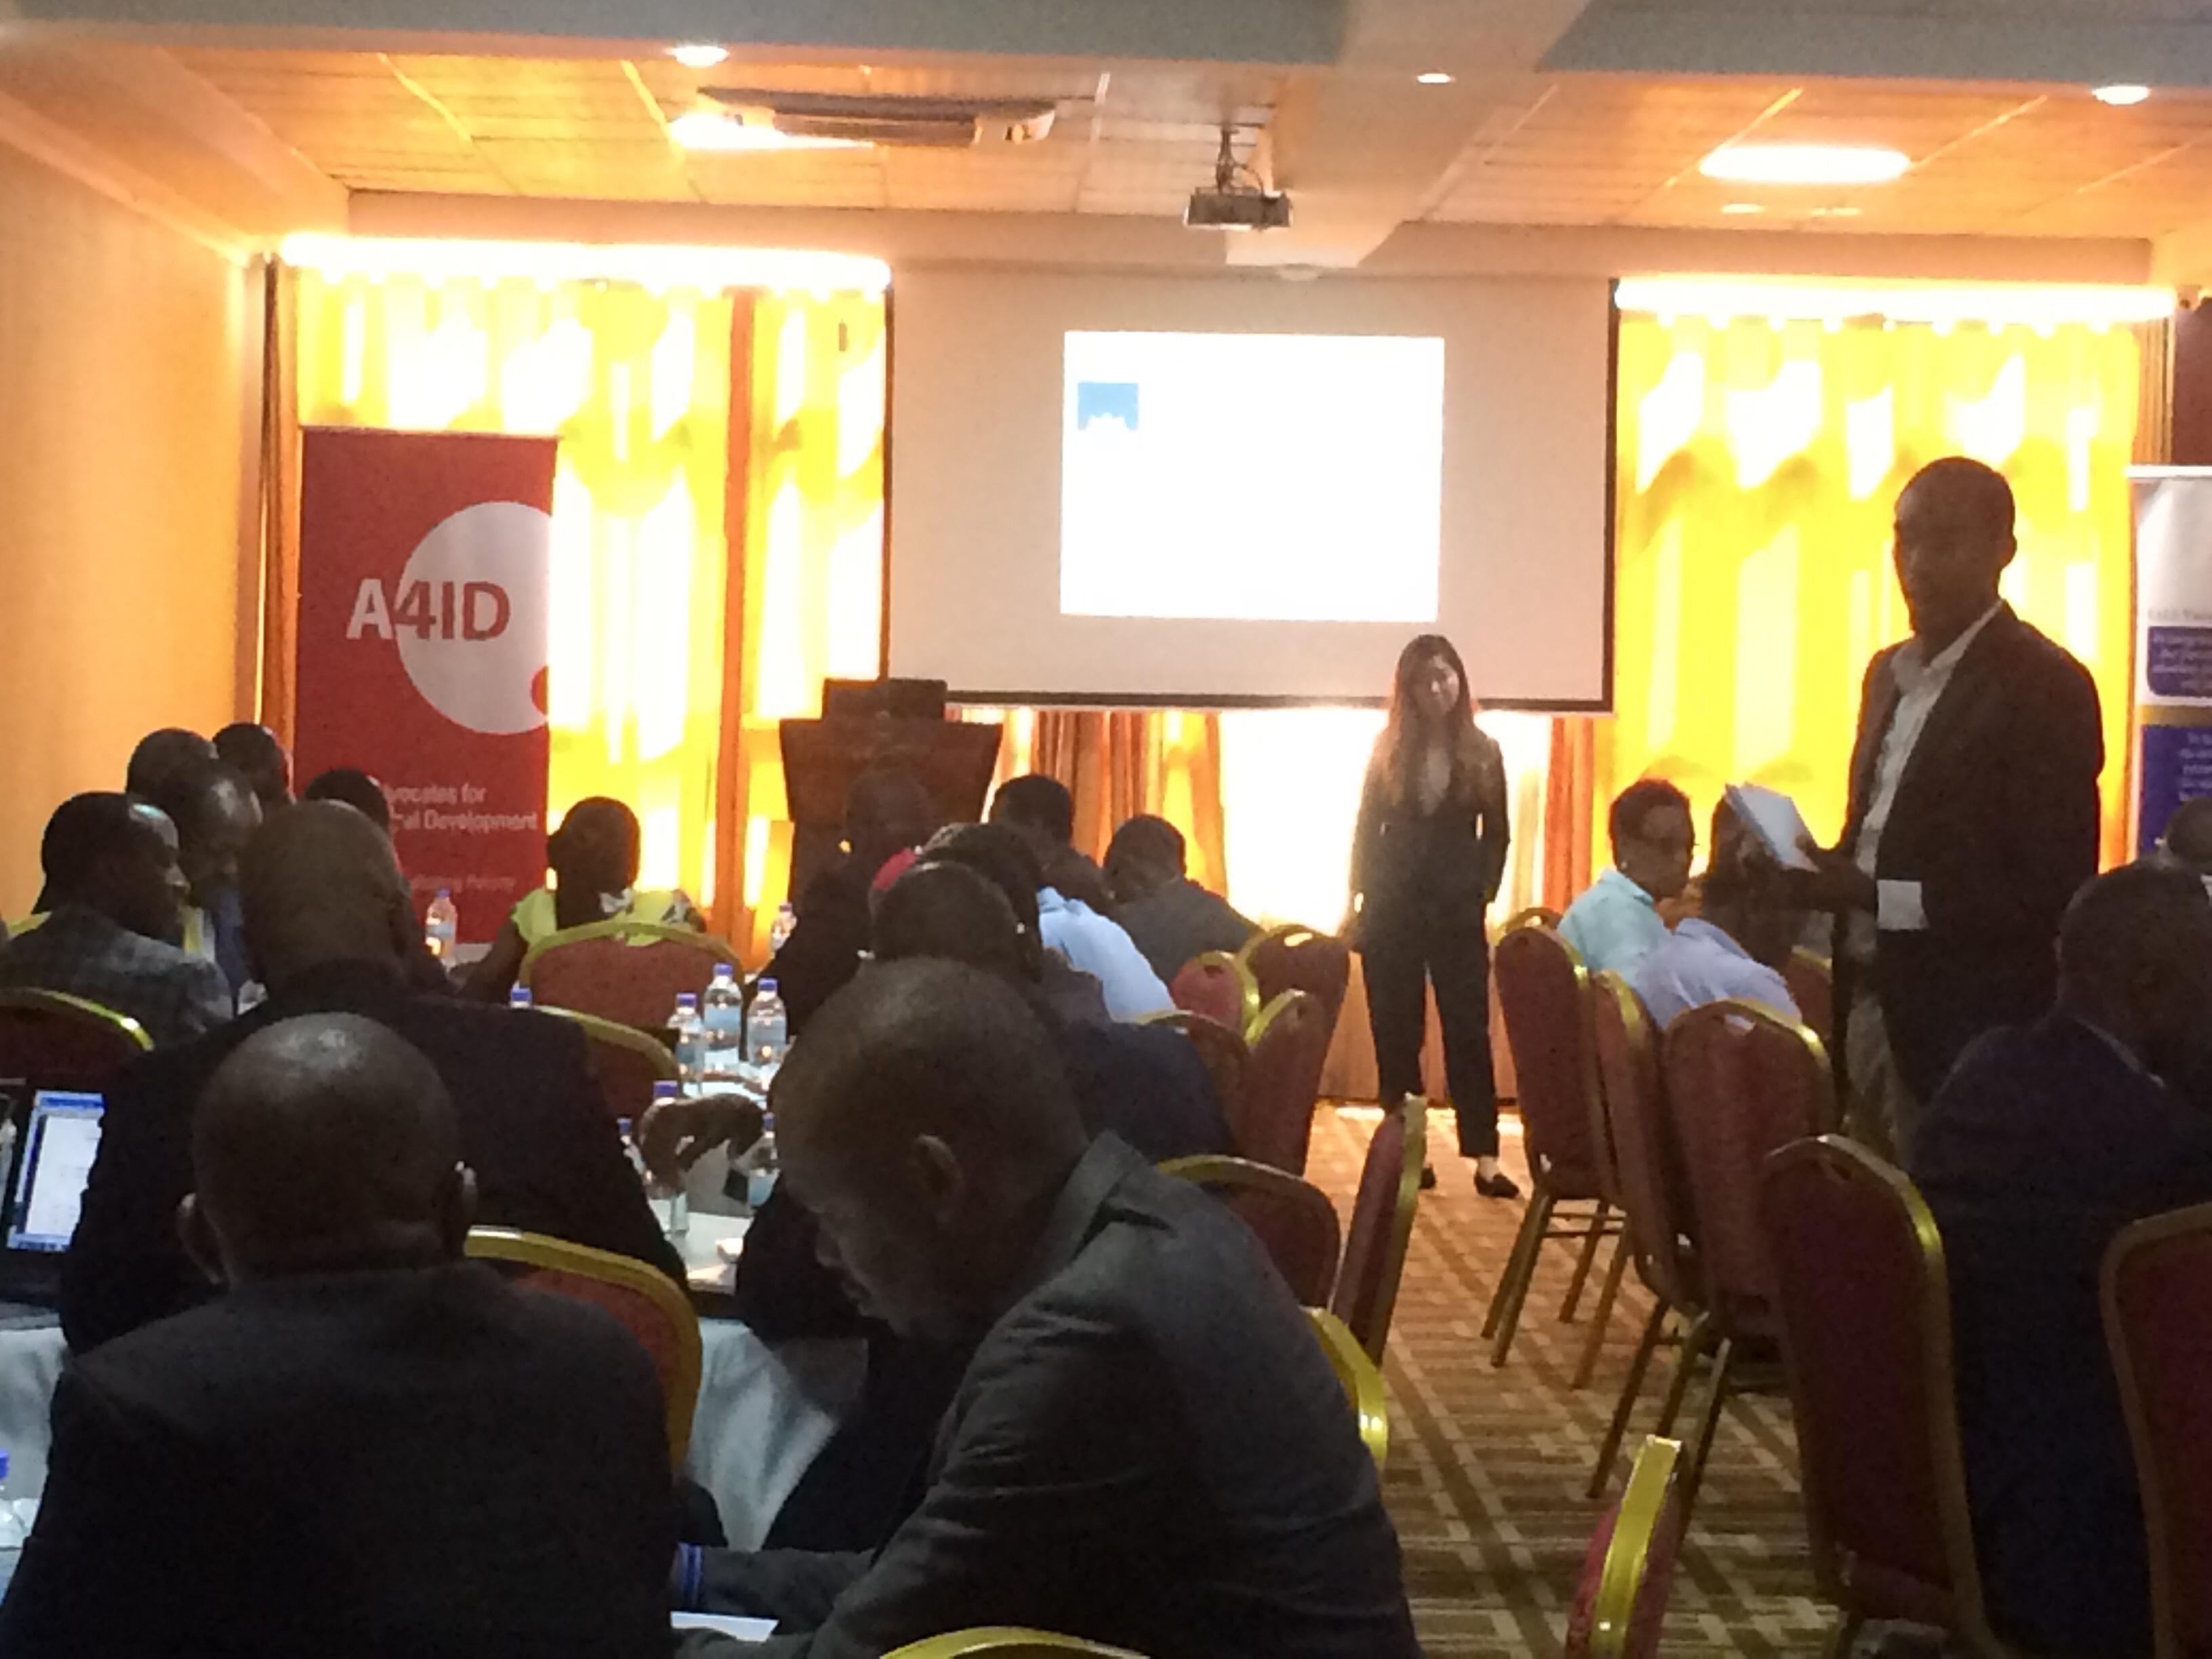 A4ID Rwanda Training